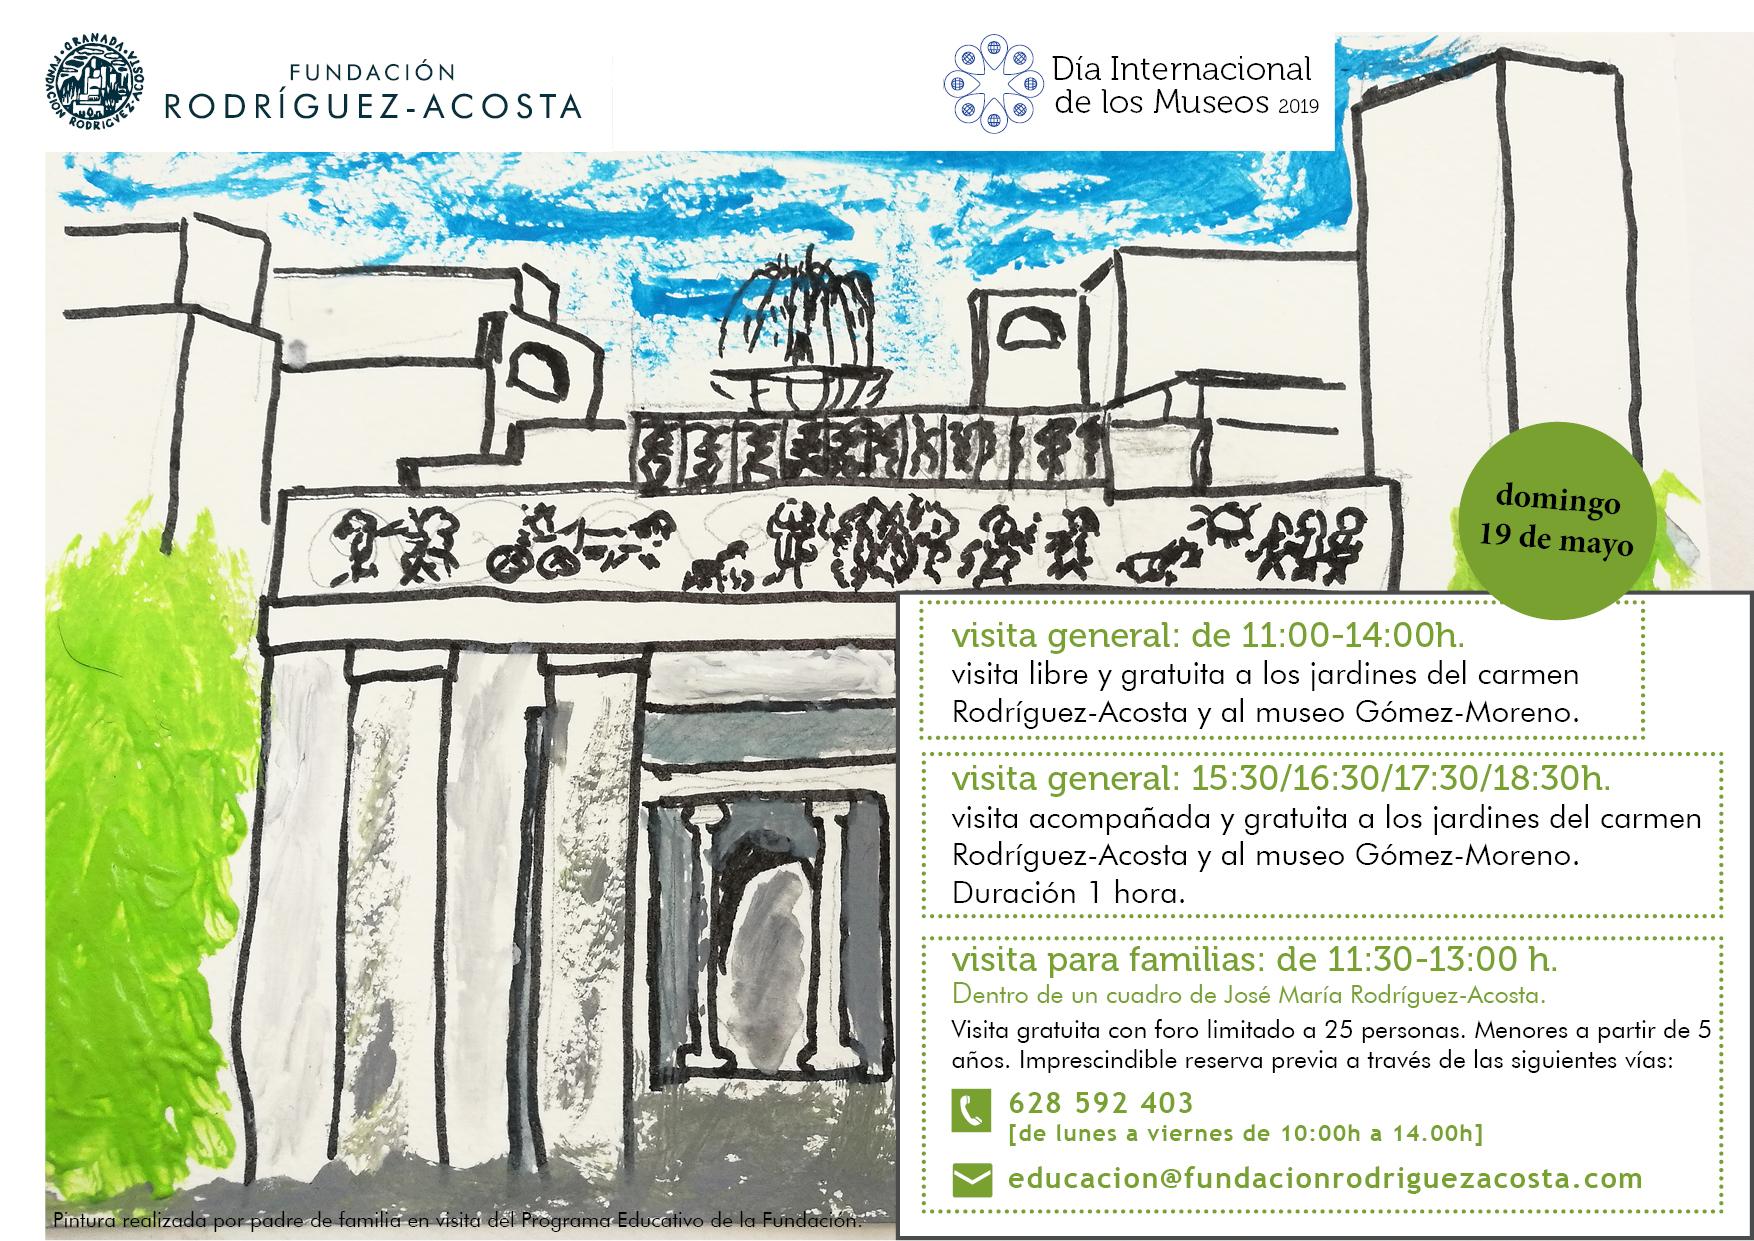 FR-A_Día de los Museos_Fundación R-A_2019